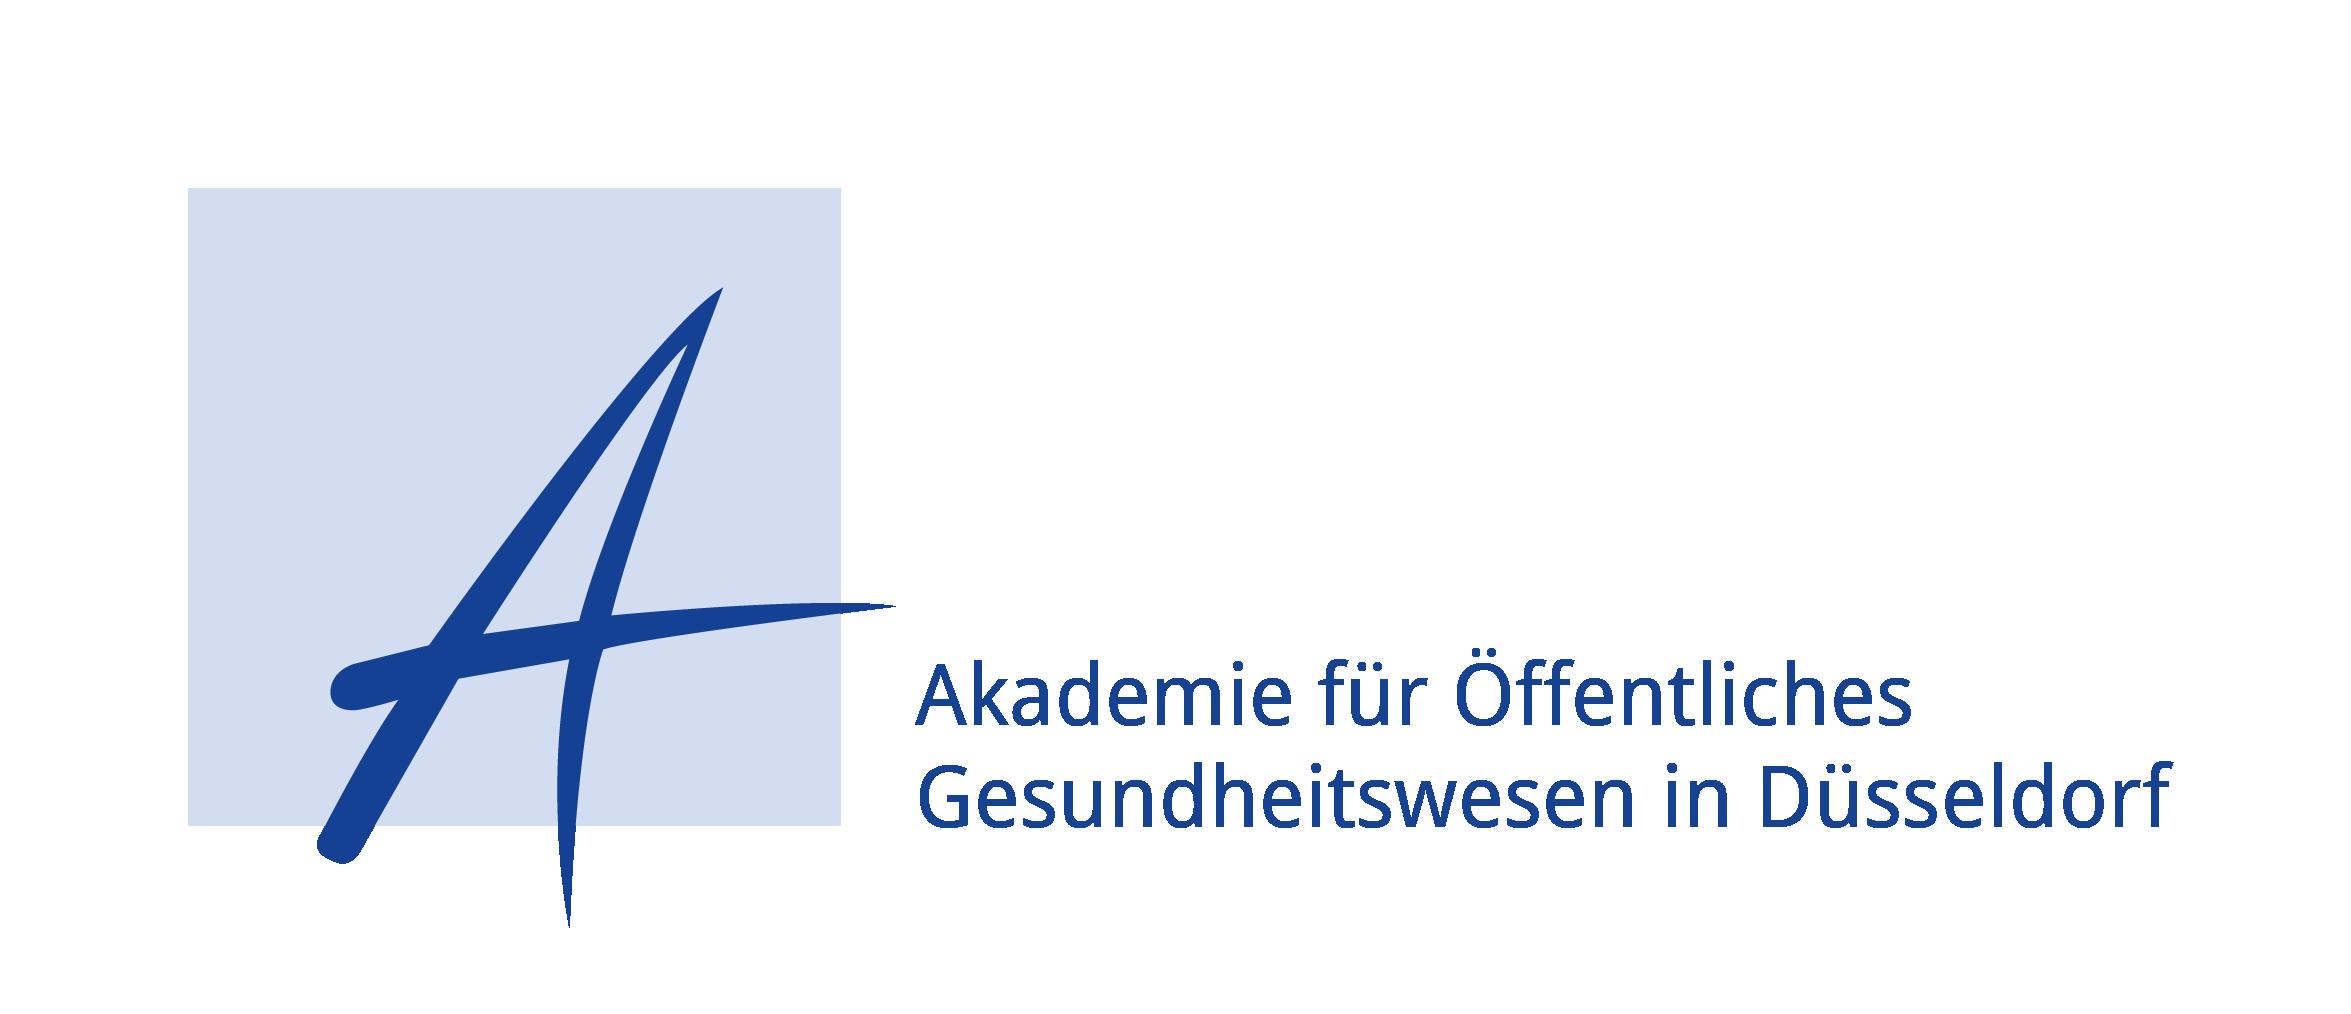 Akademie für Öffentliches Gesundheitswesen Düsseldorf